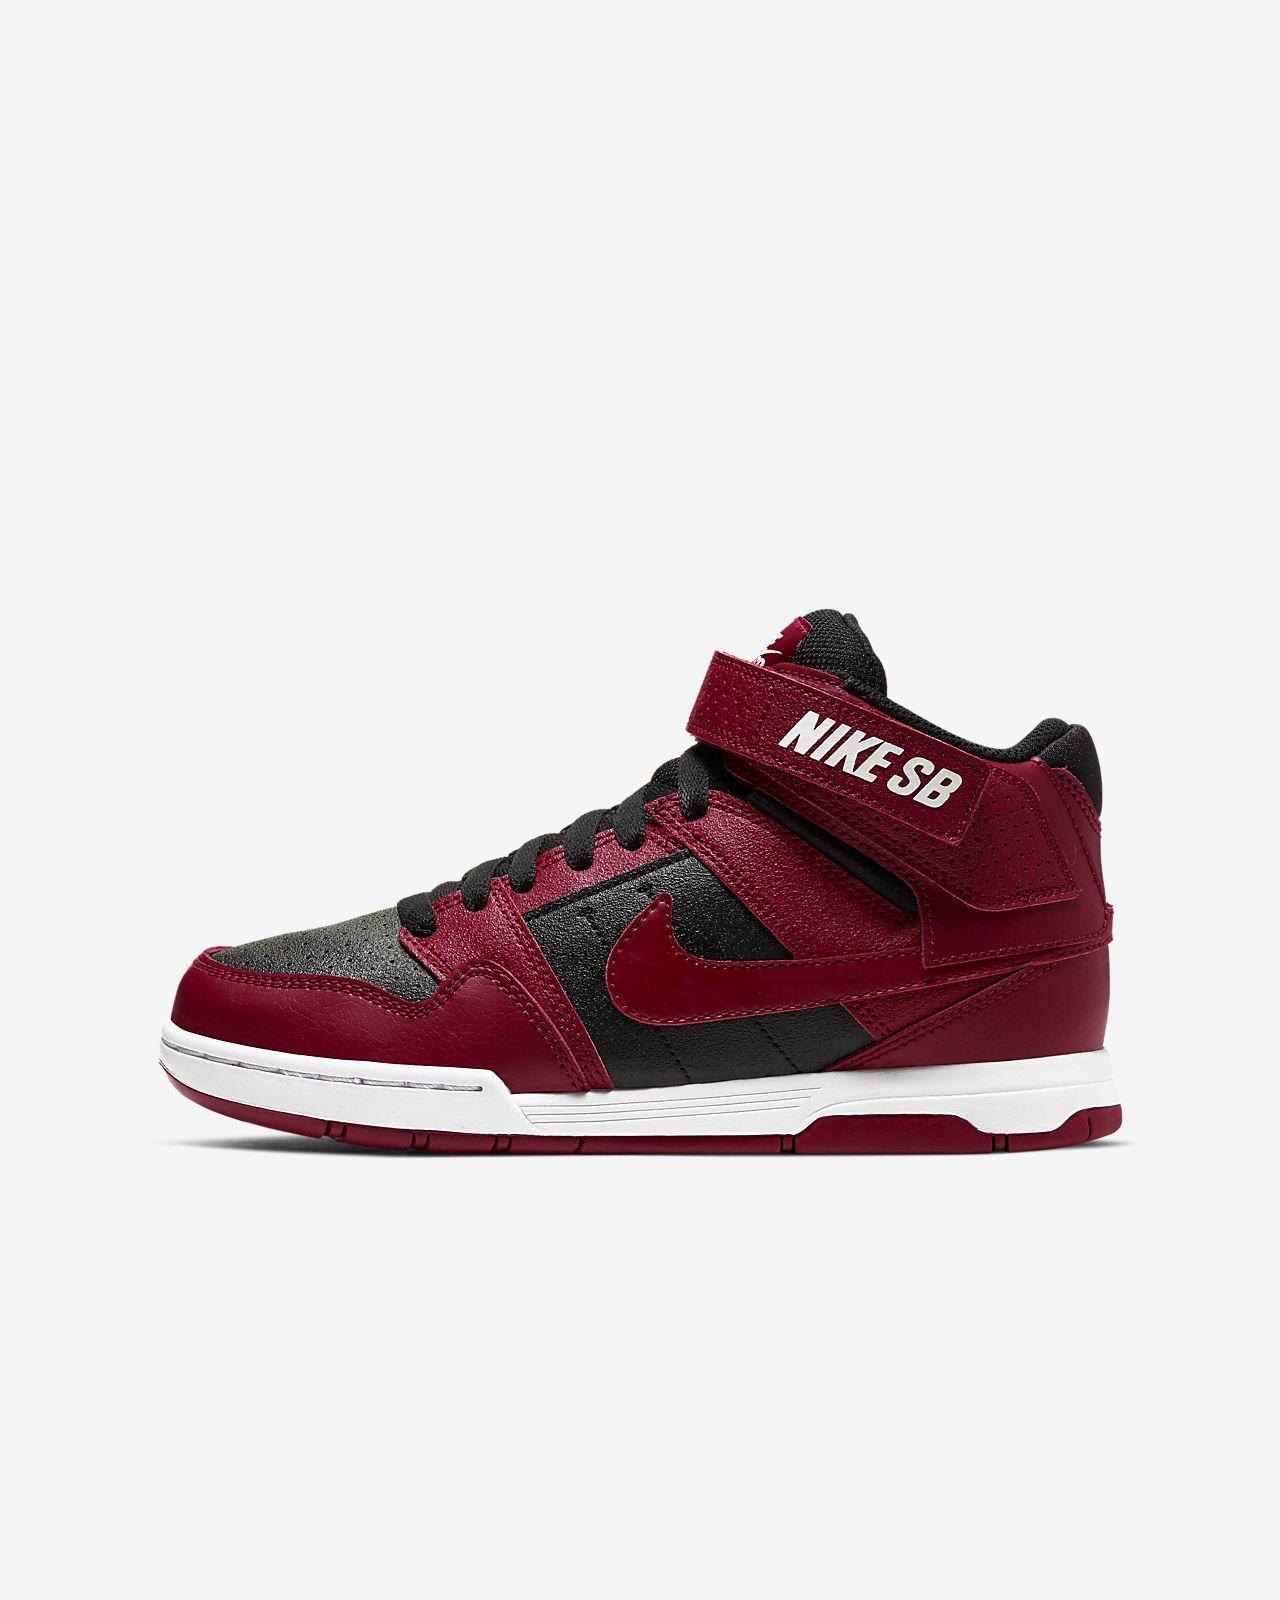 Buty dla małych/dużych dzieci Nike SB Mogan Mid 2 JR